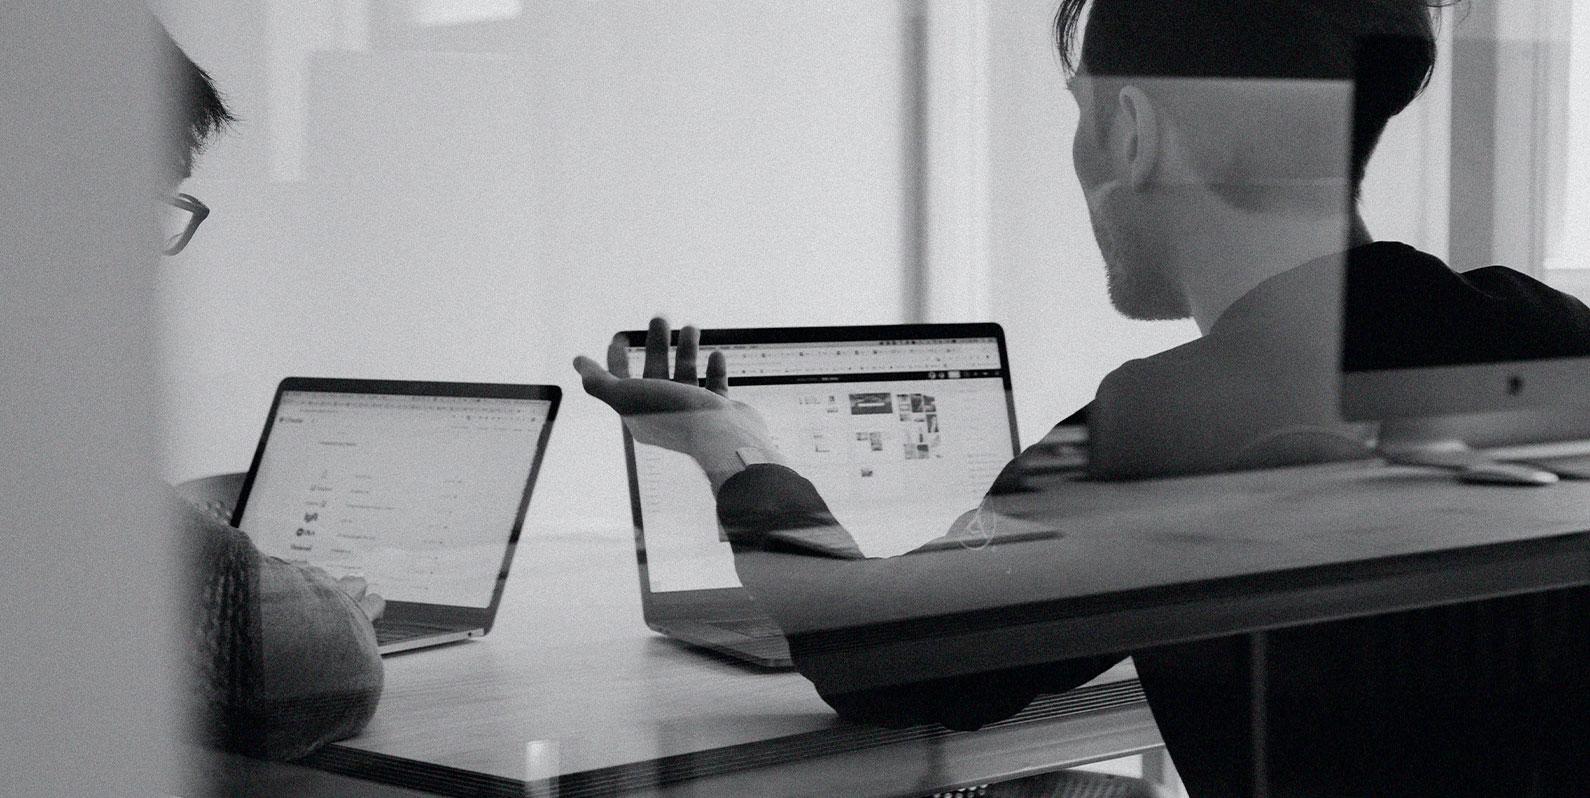 RH, Endomarketing e o poder dos dados